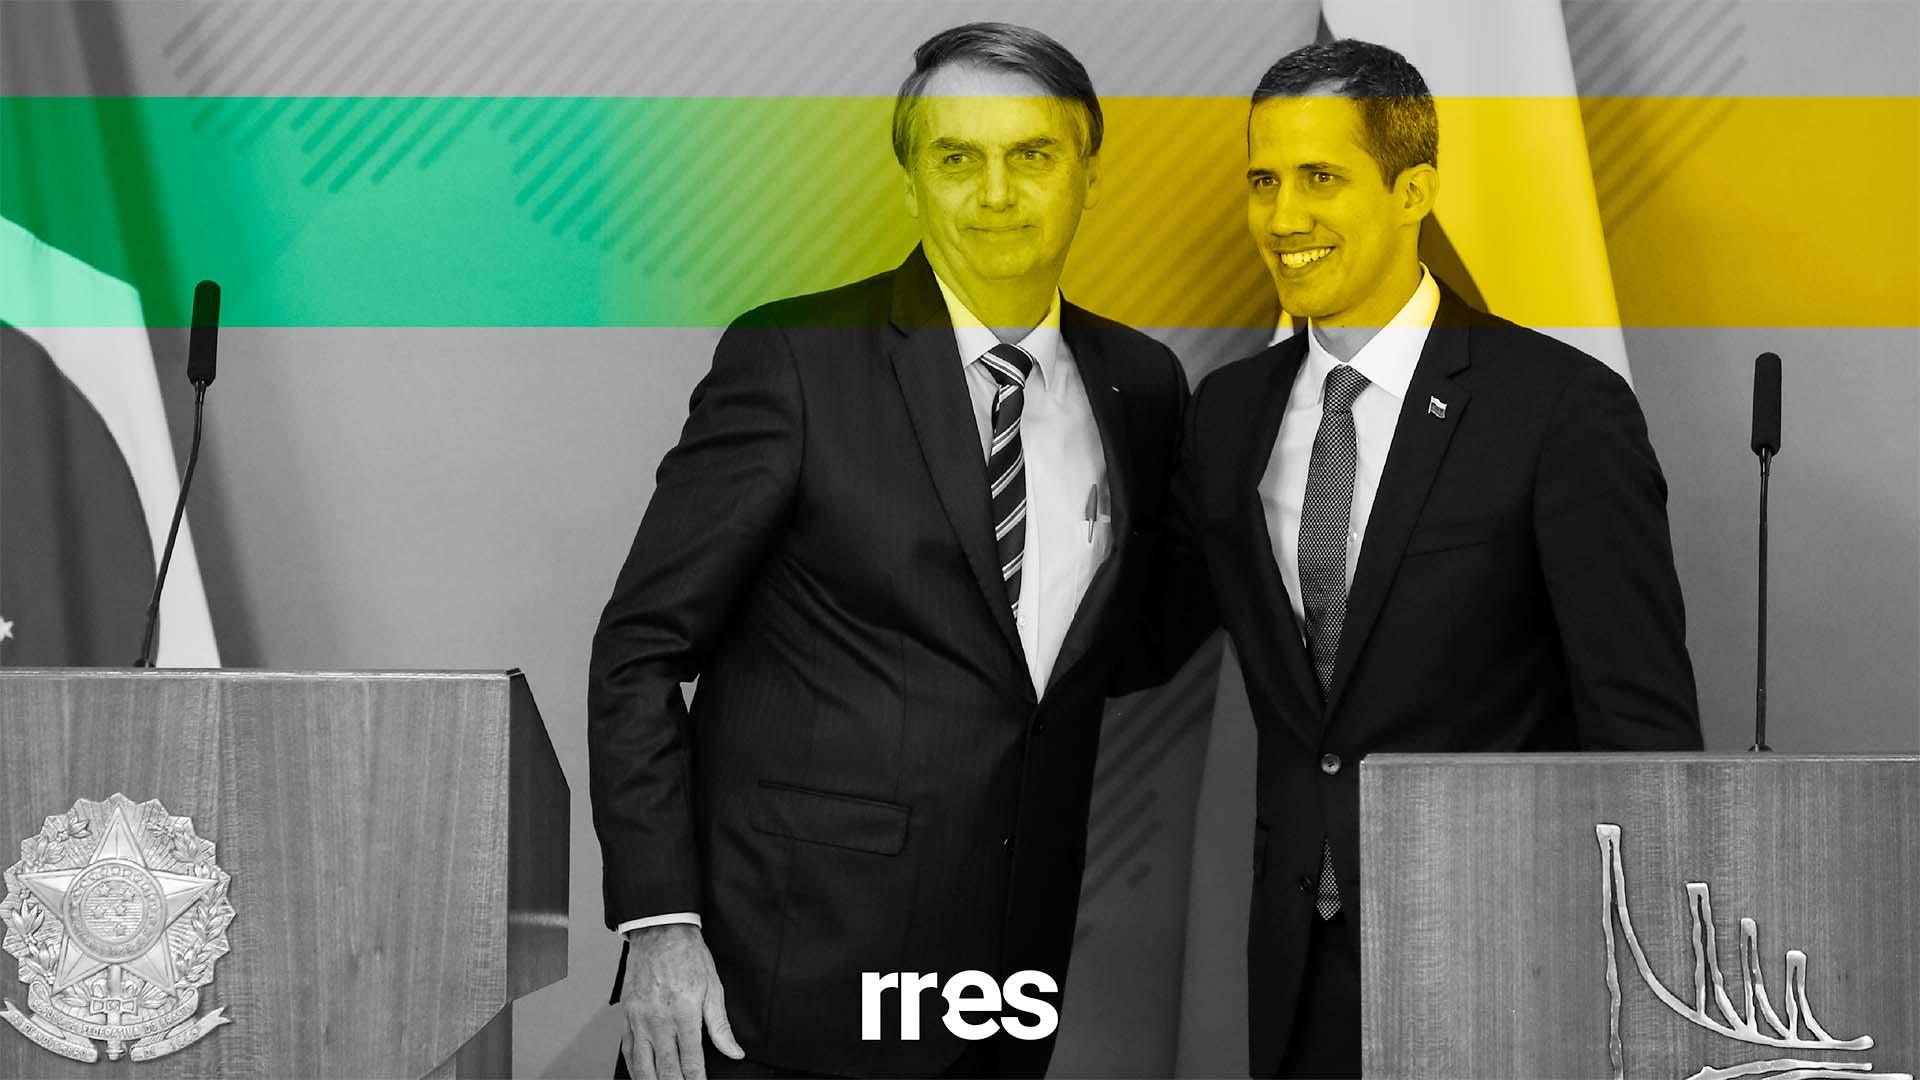 Informe Otálvora | Bolsonaro cobra a Guaidó deuda de Chávez y Maduro, por Edgar C. Otálvora